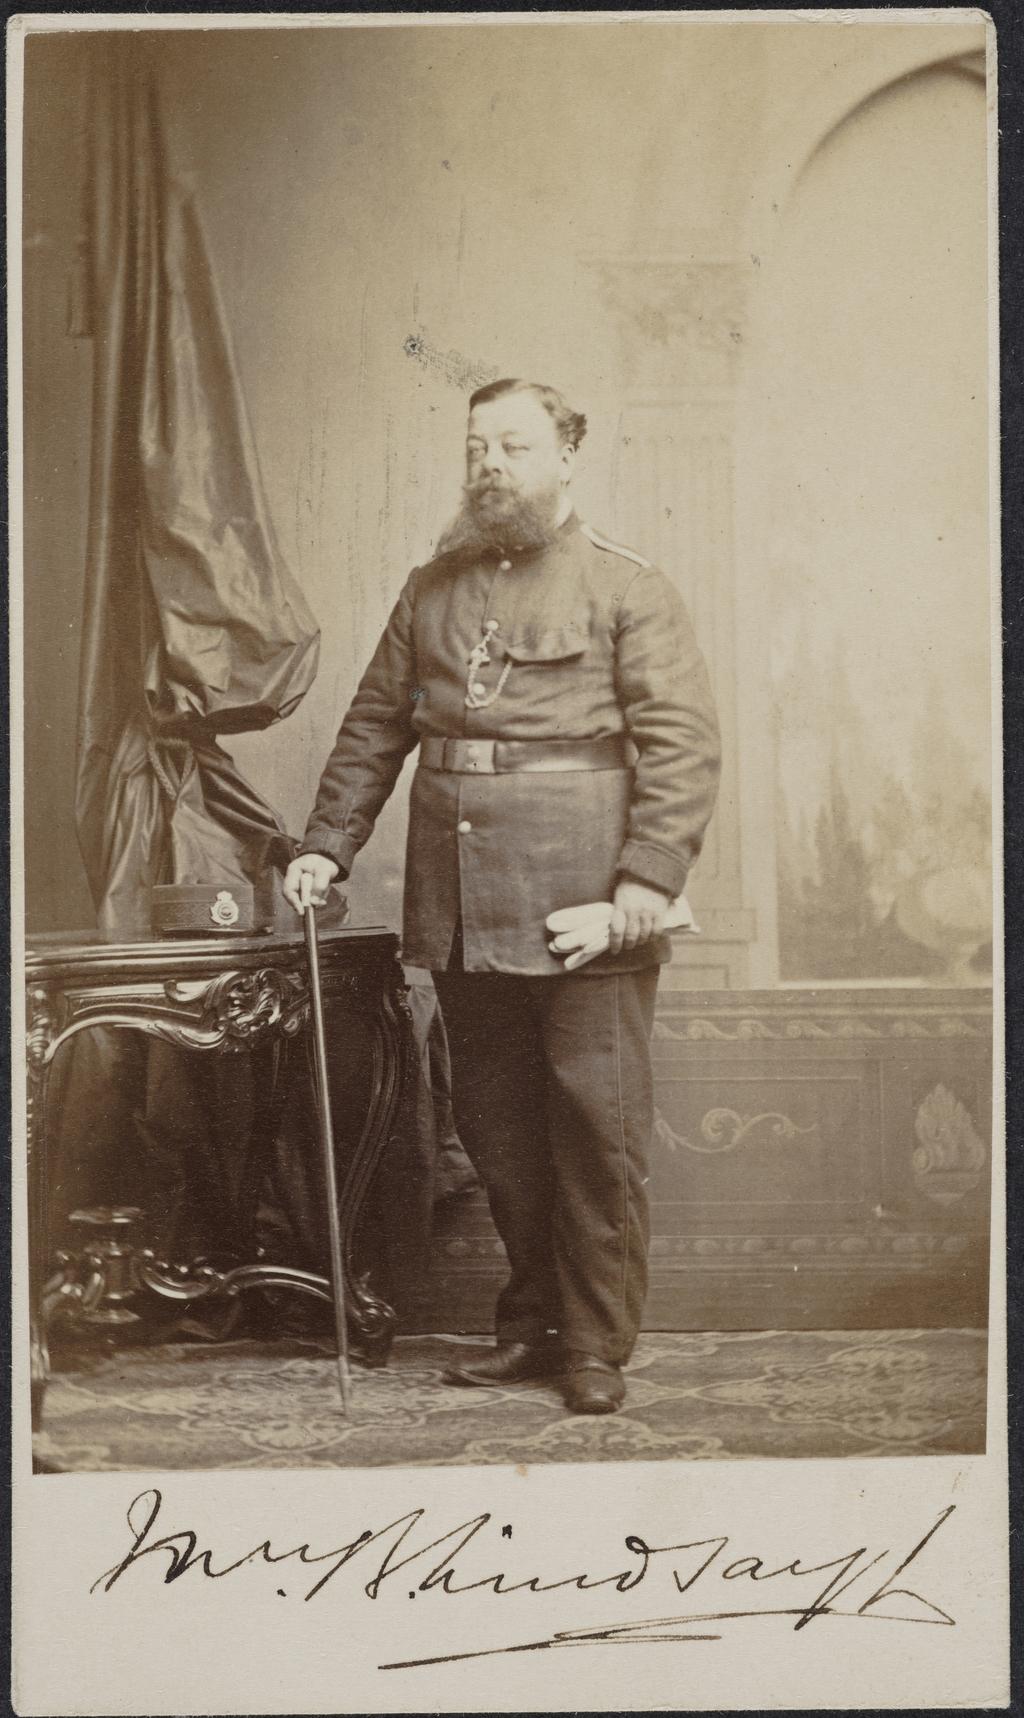 Portrait de militaire, de l'album de collection dit de Richard Alleyn